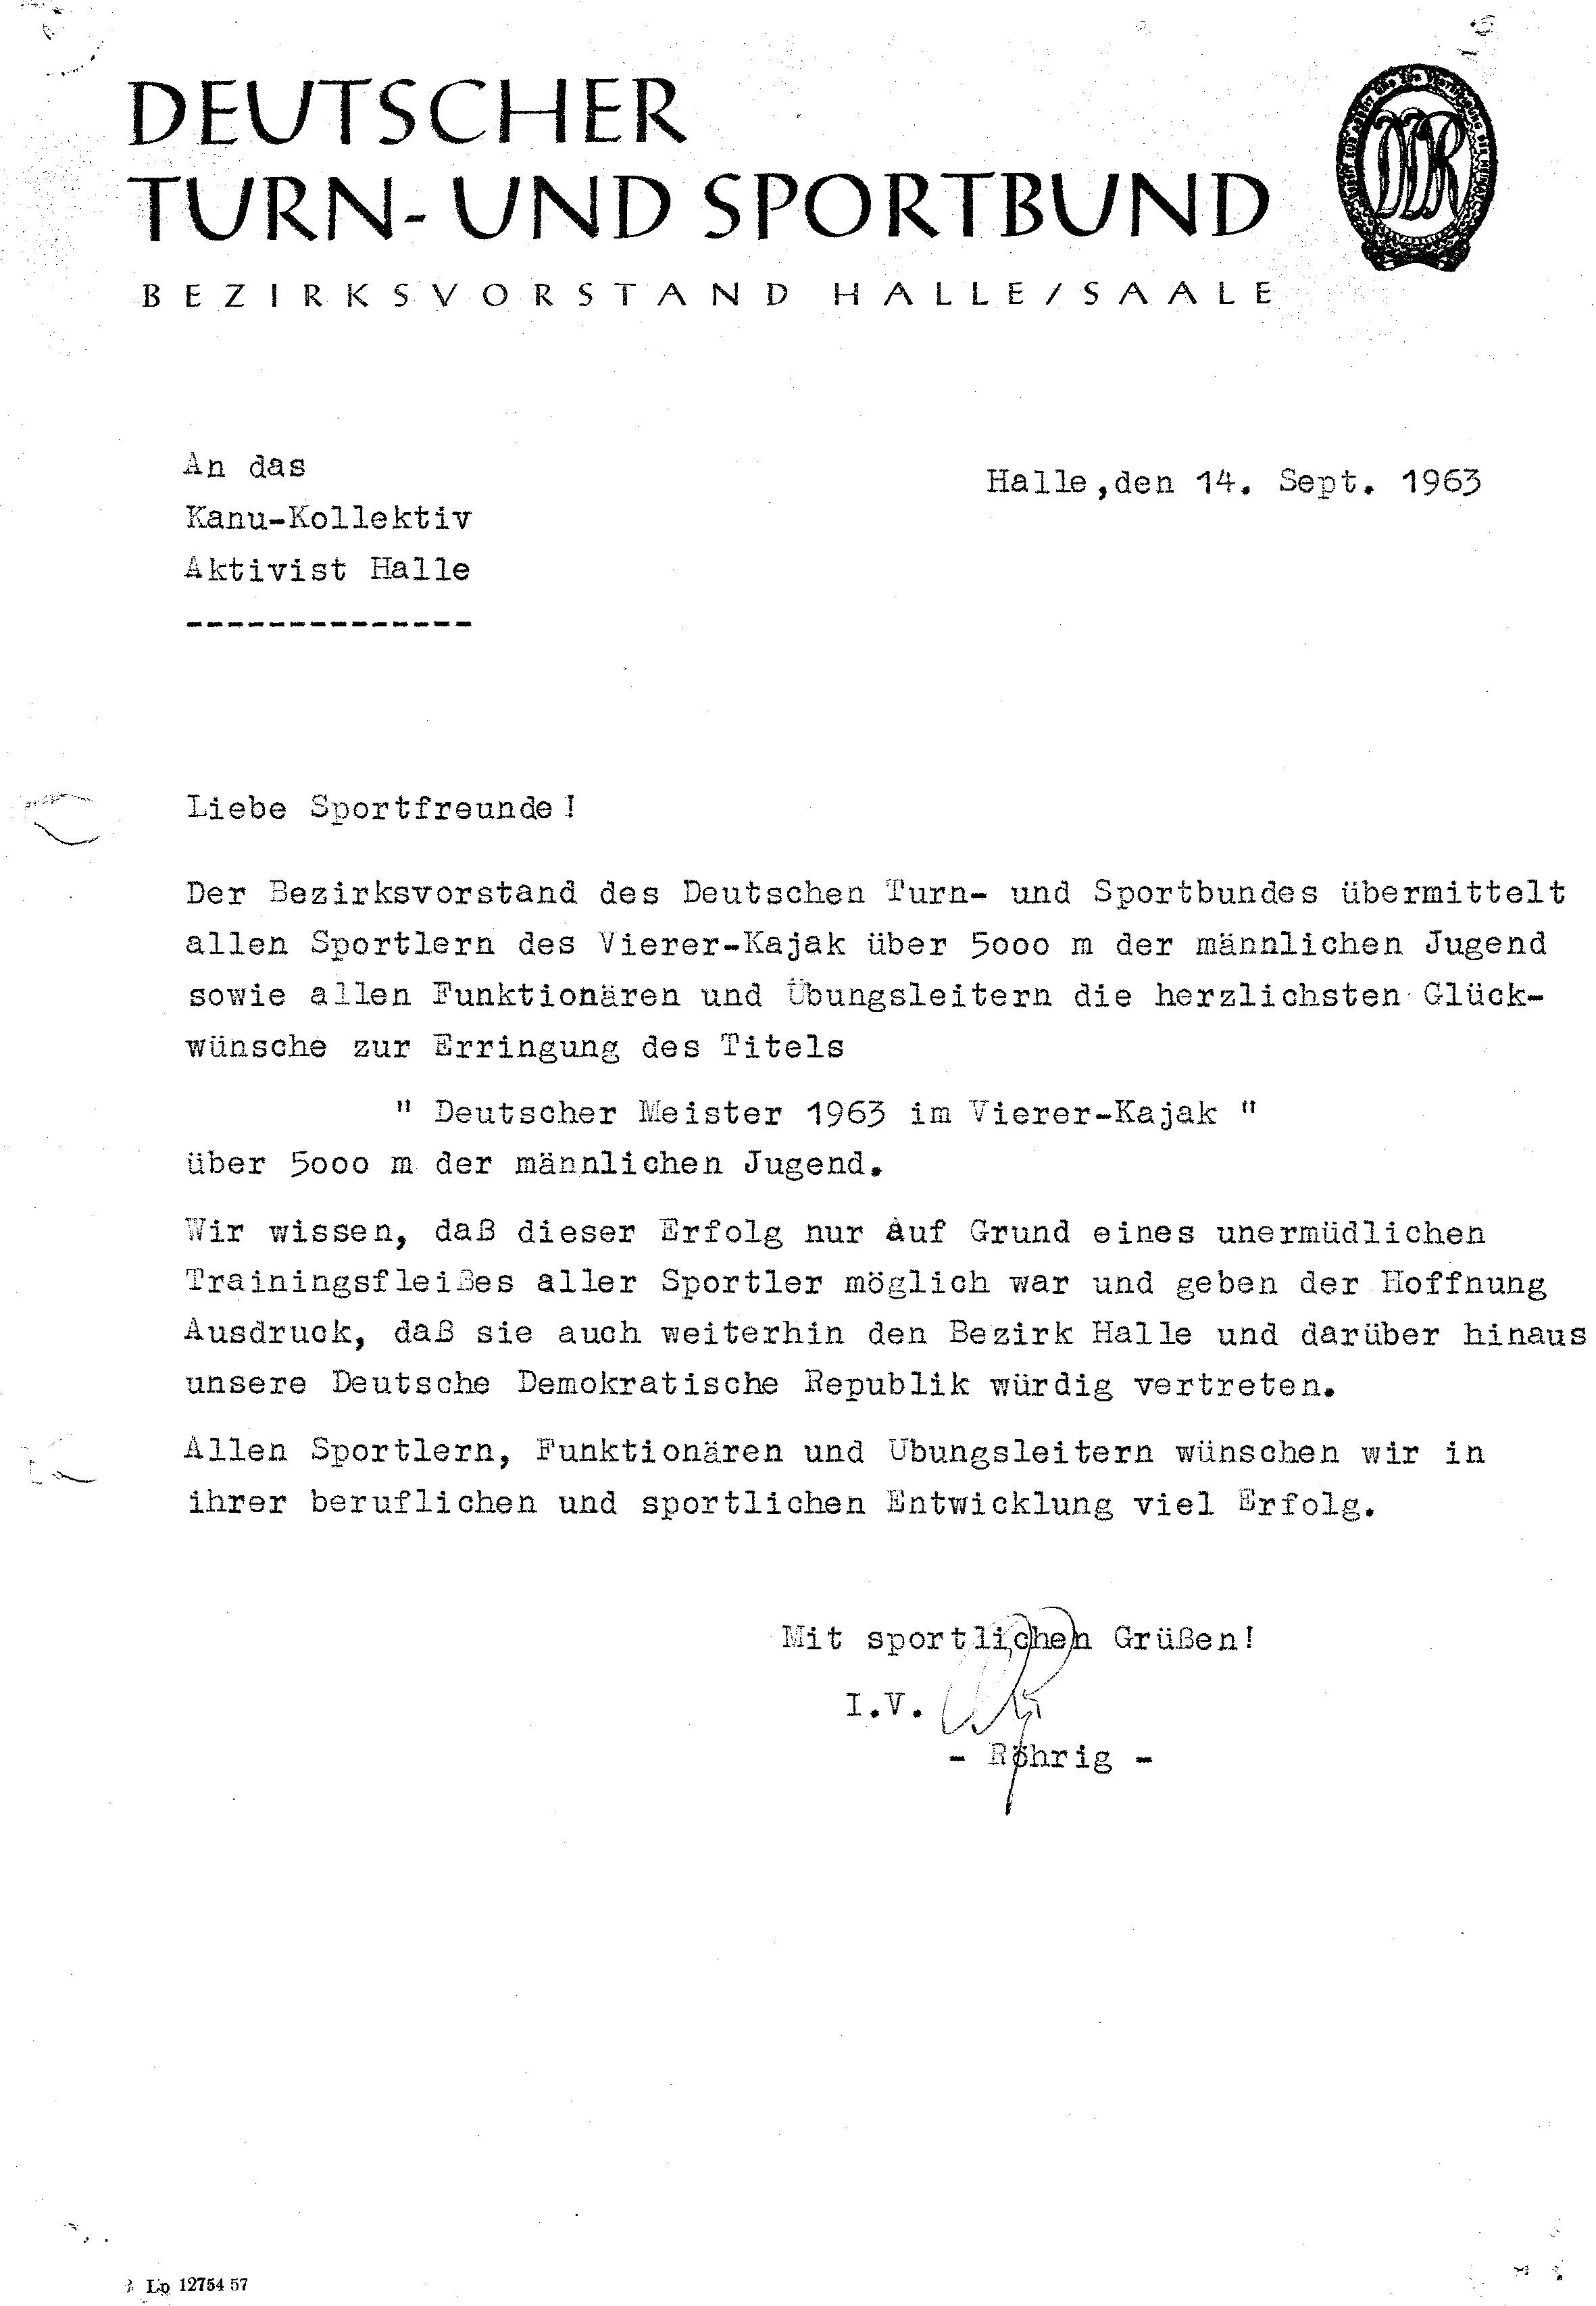 1963-09-14 DTSB Brief